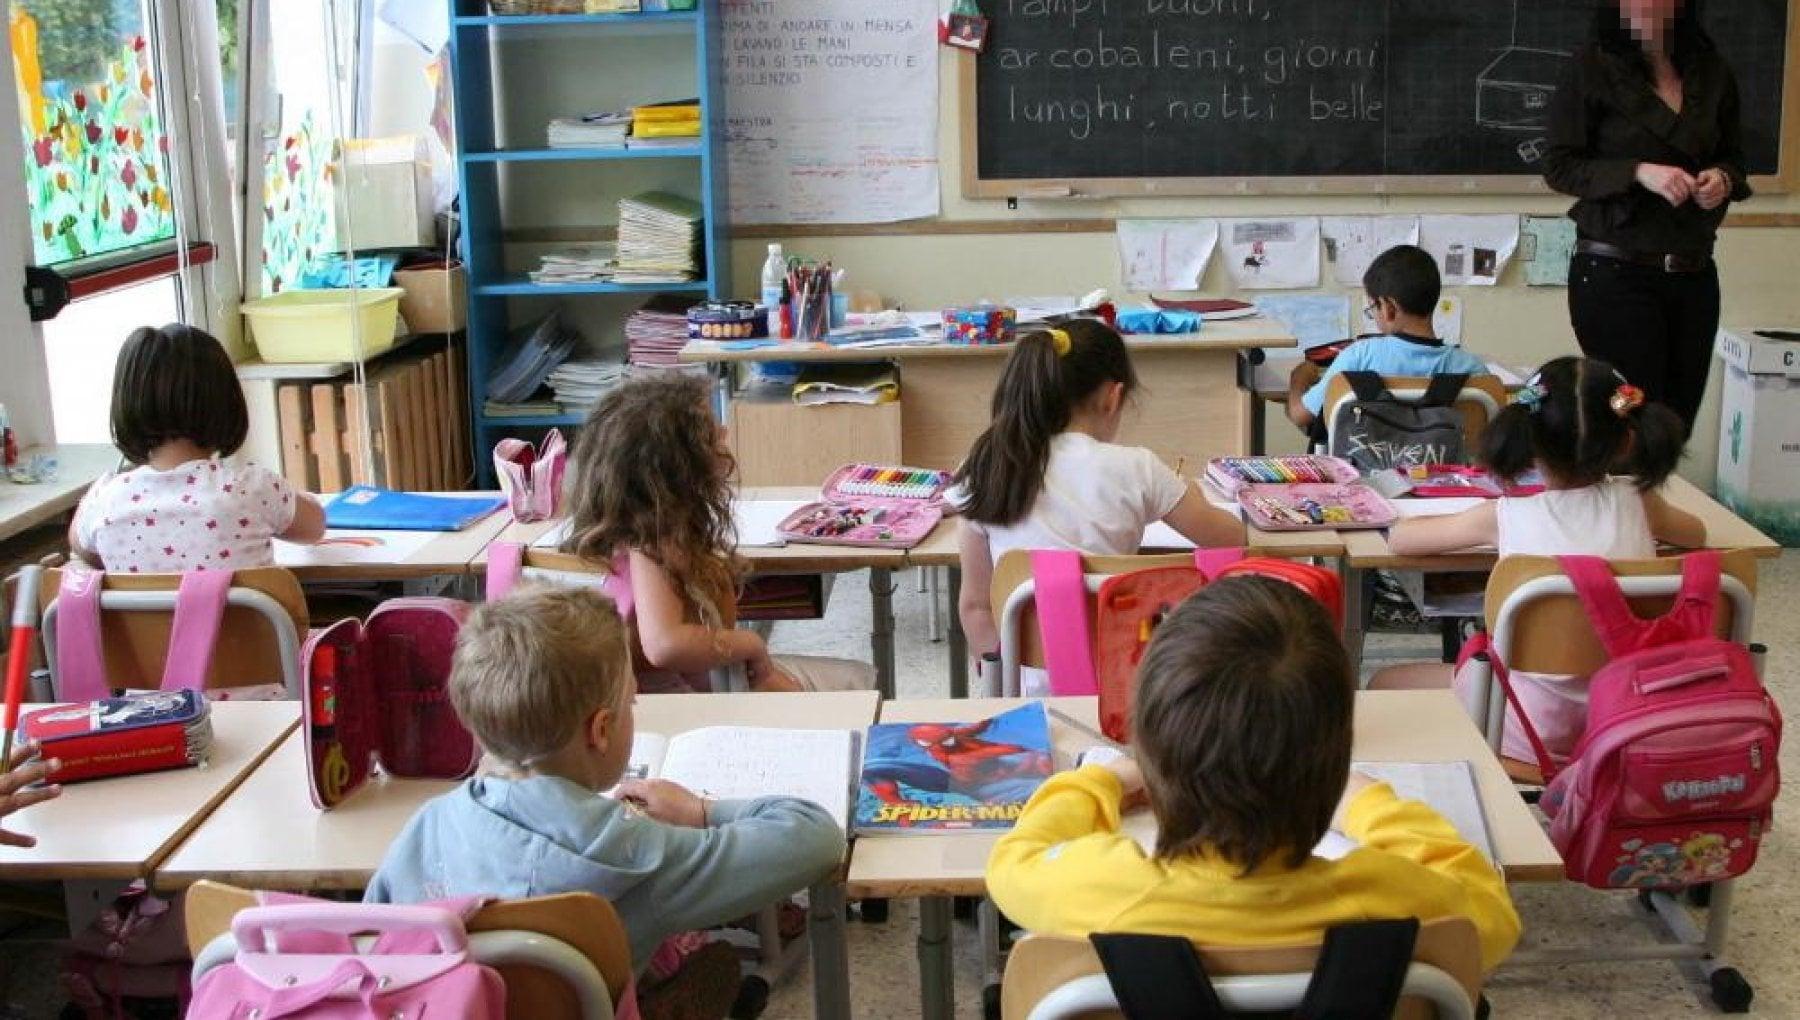 Rivoli contro il gender a scuola il Comune leghista chiede ai maestri relazioni preventive sugli argomenti da trattare